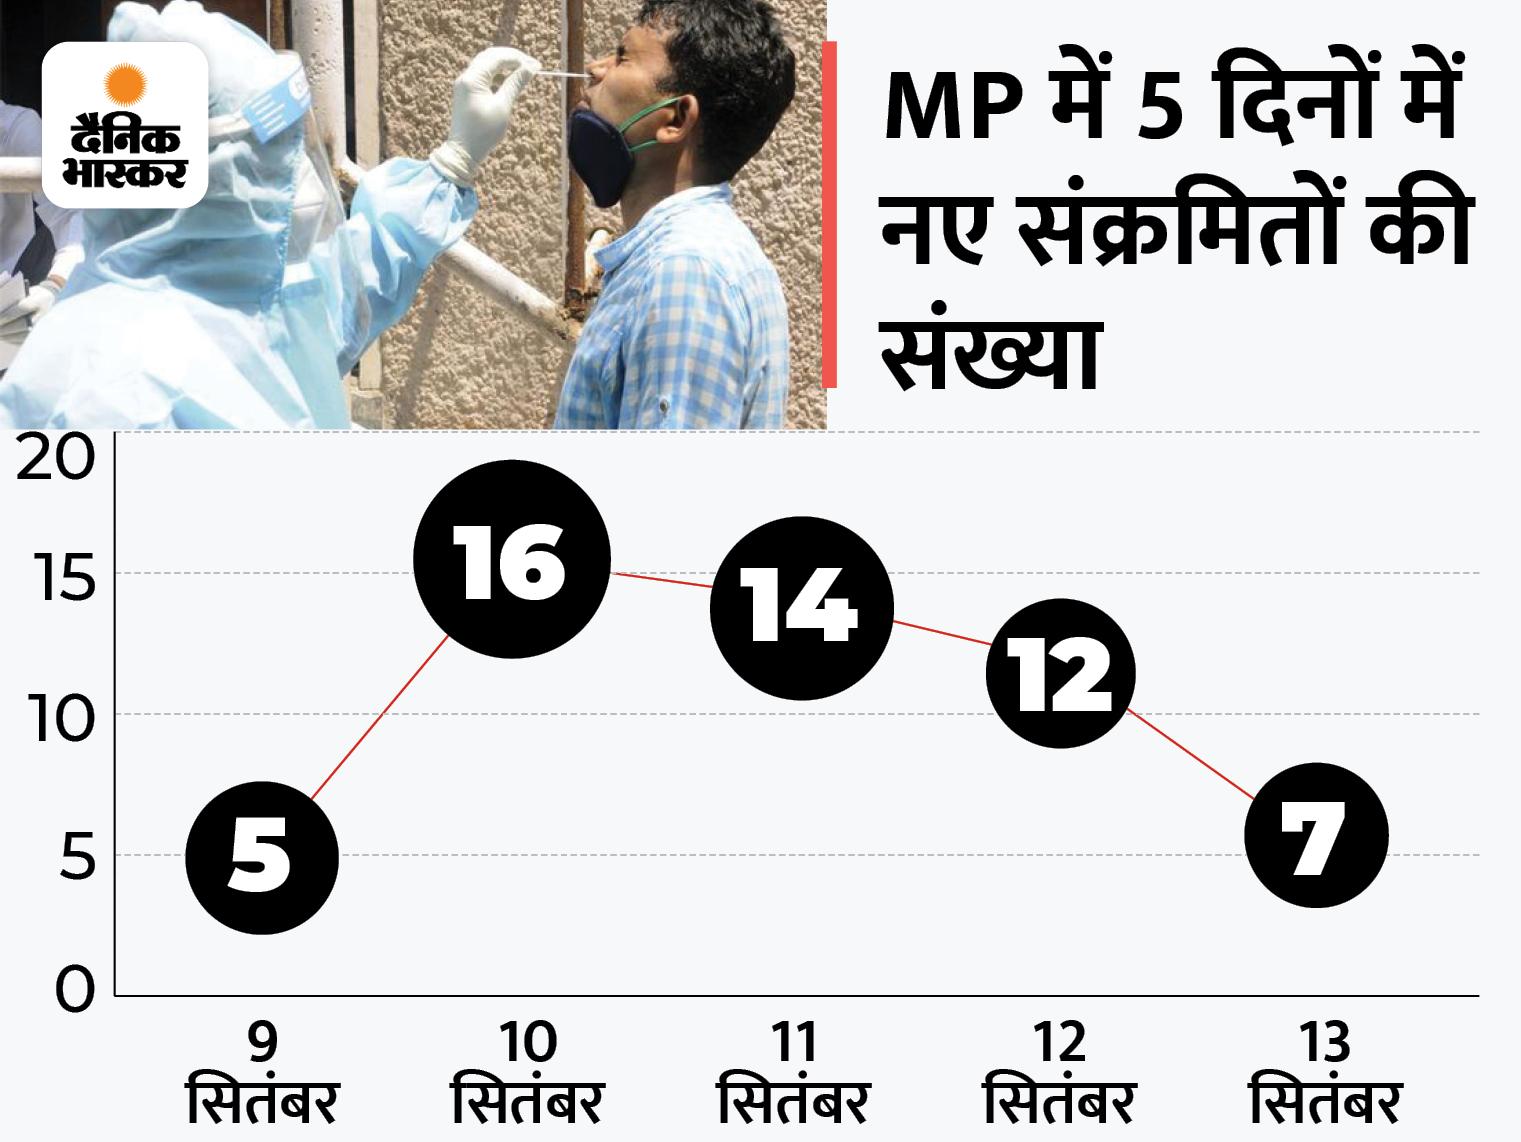 14 दिन बाद रायसेन में मिला संक्रमित; भोपाल-धार में 2-2, जबलपुर-इंदौर में 1-1 नए पॉजिटिव मिले; अभी 126 एक्टिव केस|मध्य प्रदेश,Madhya Pradesh - Dainik Bhaskar